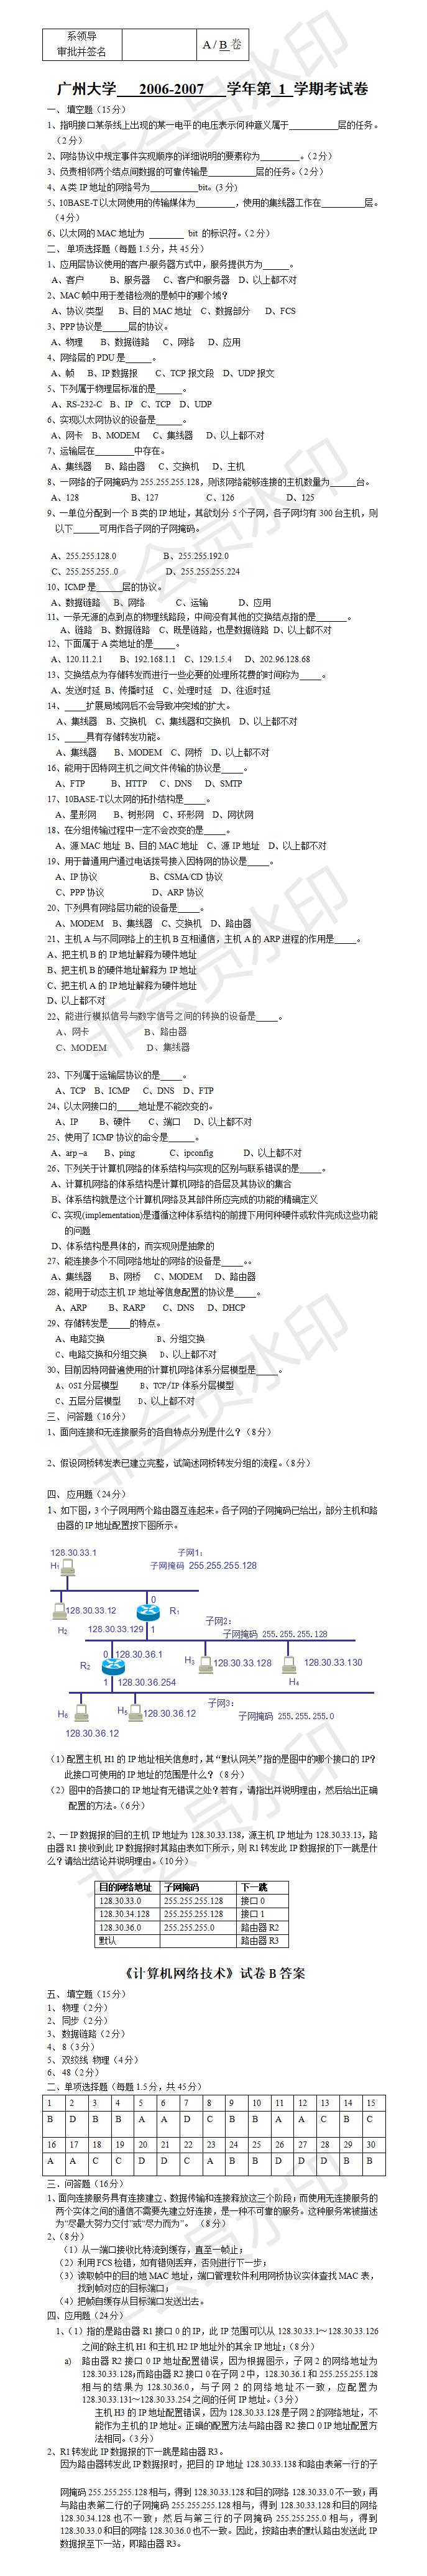 广州大学计算机网络B卷含答案